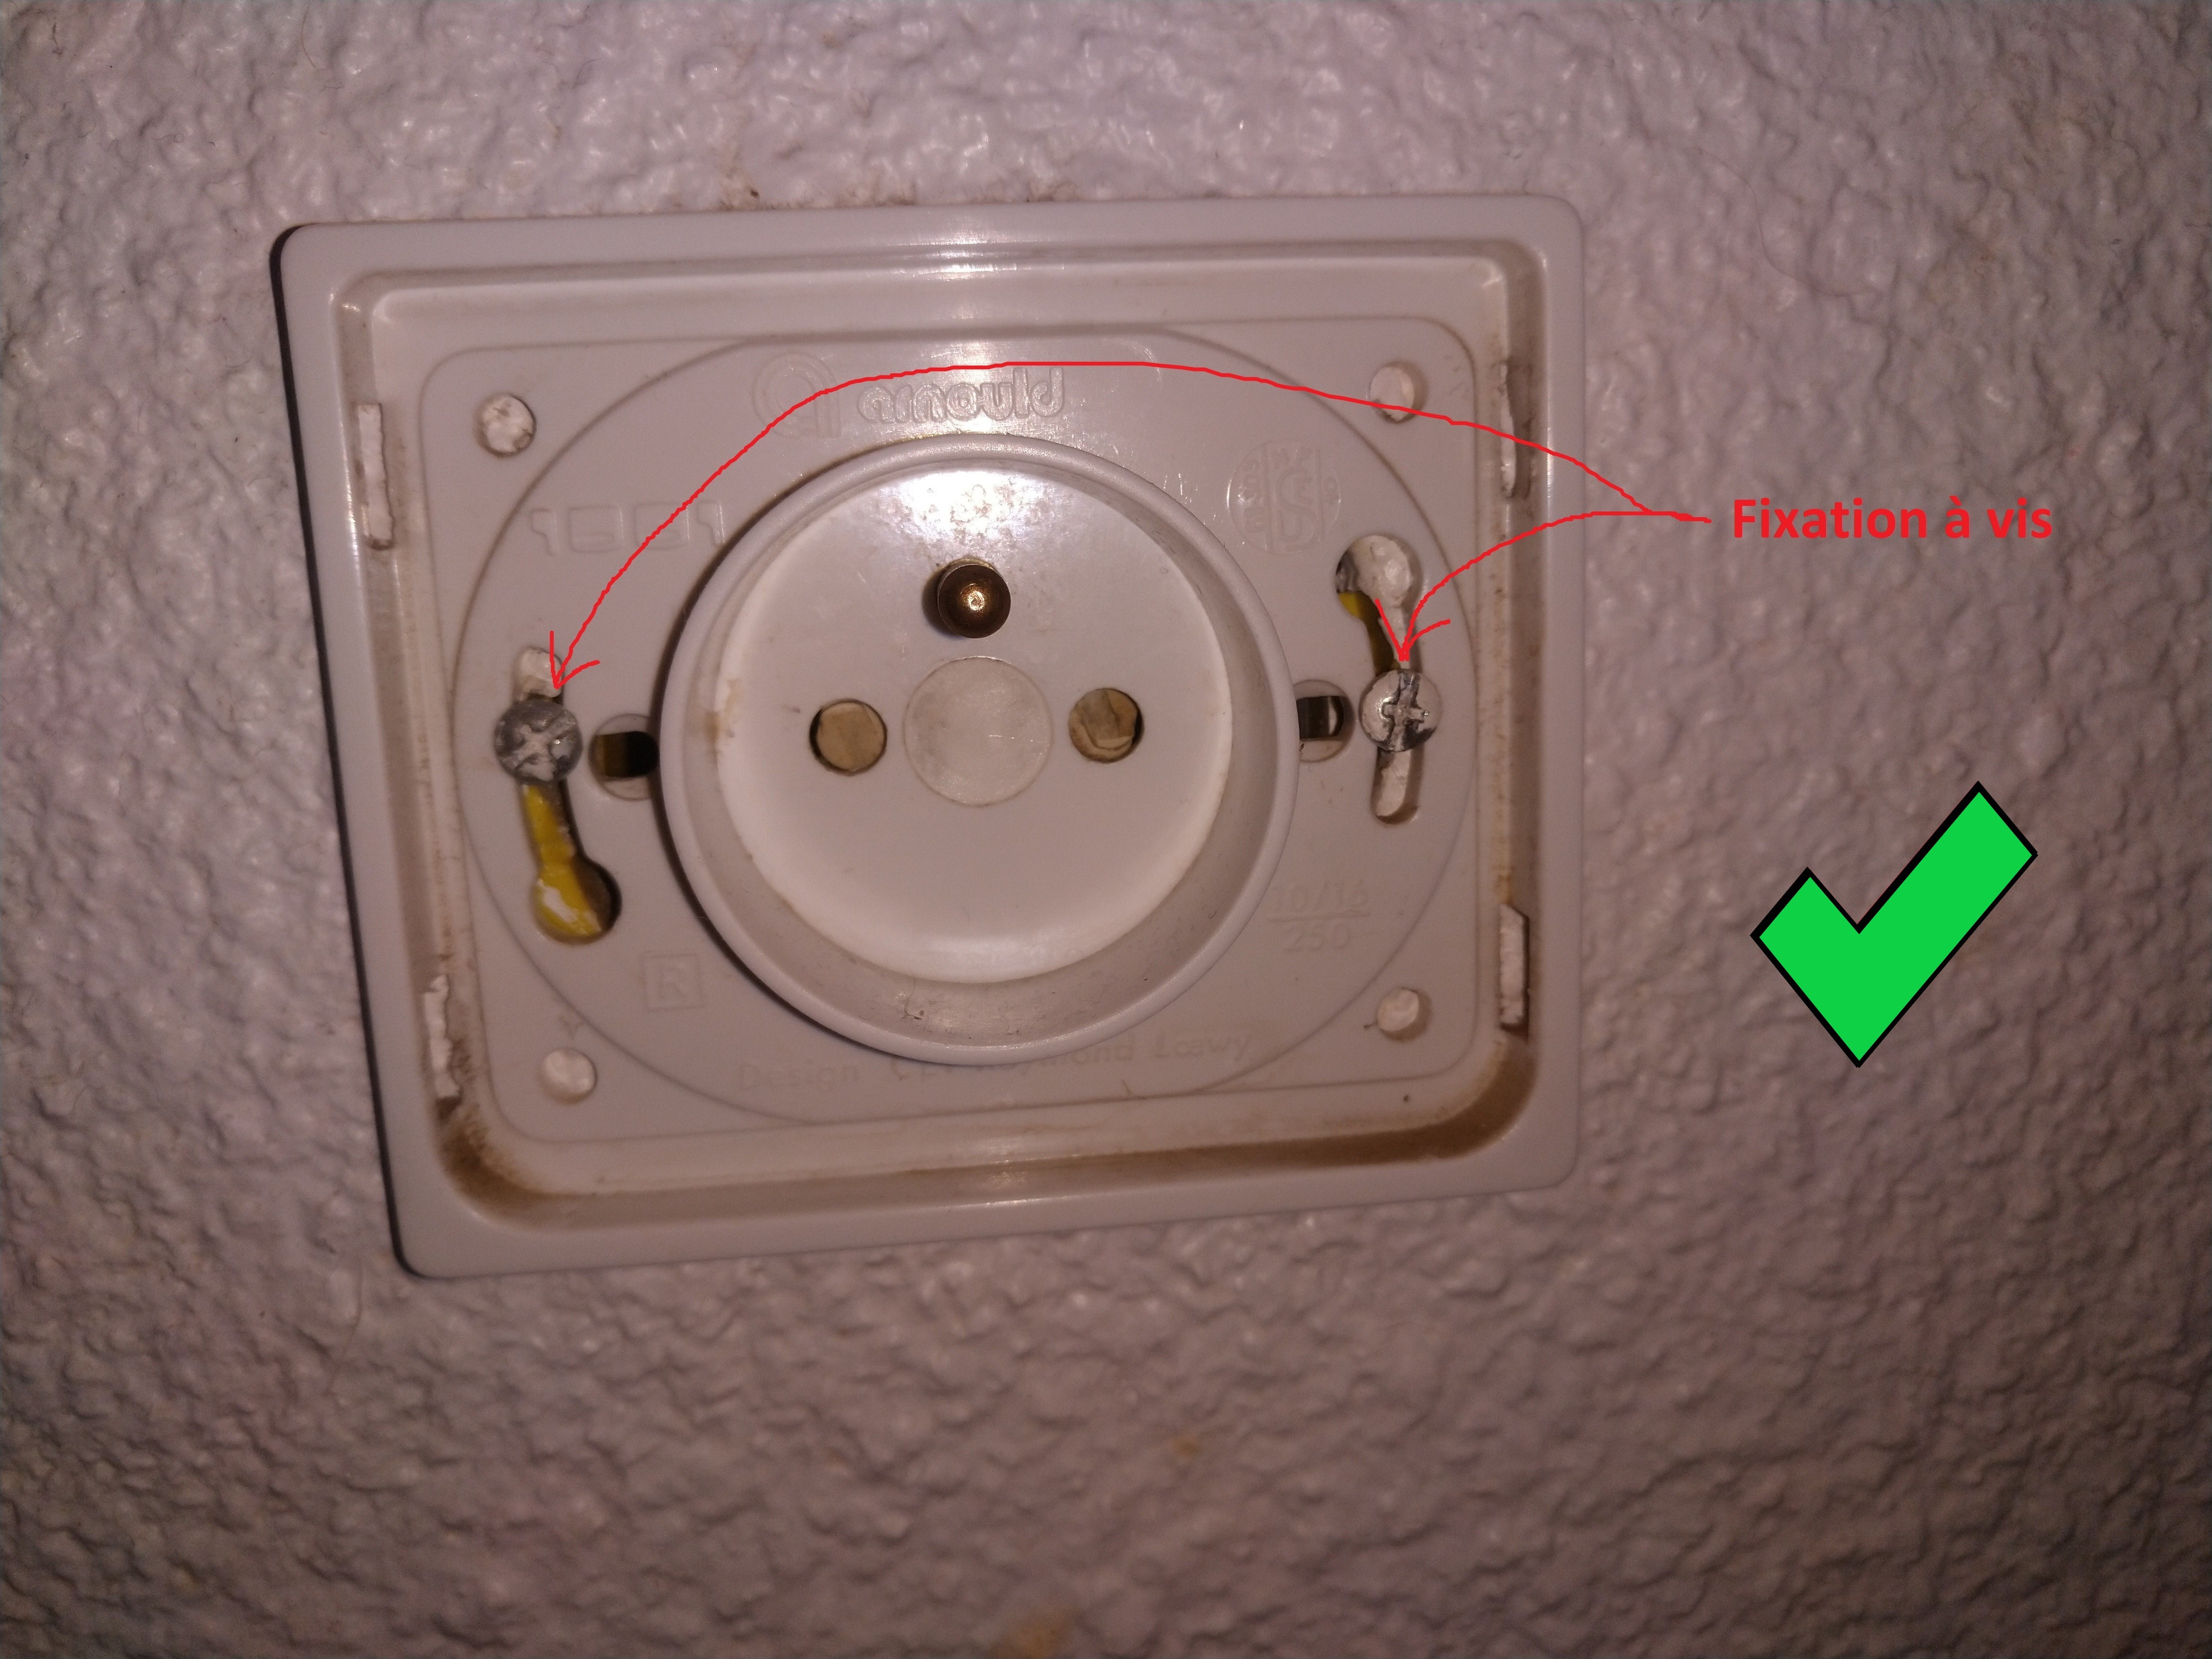 Boite Cache Prise Electrique j'évite l'utilisation des prises à fixation à griffe - aee